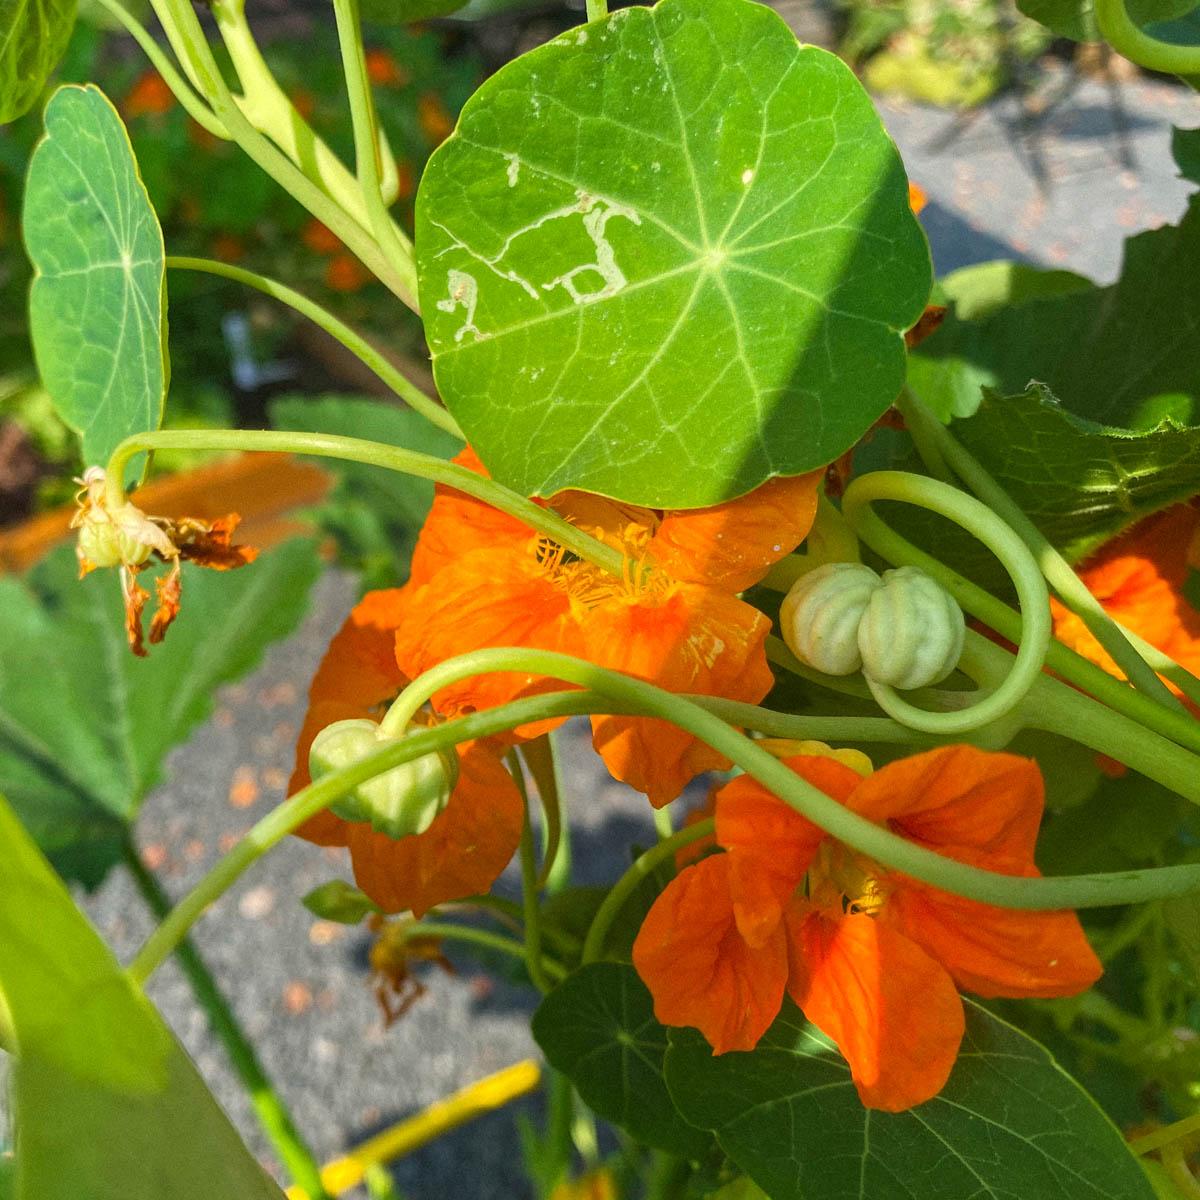 Bloemen en zaden van Oost-Indische kers